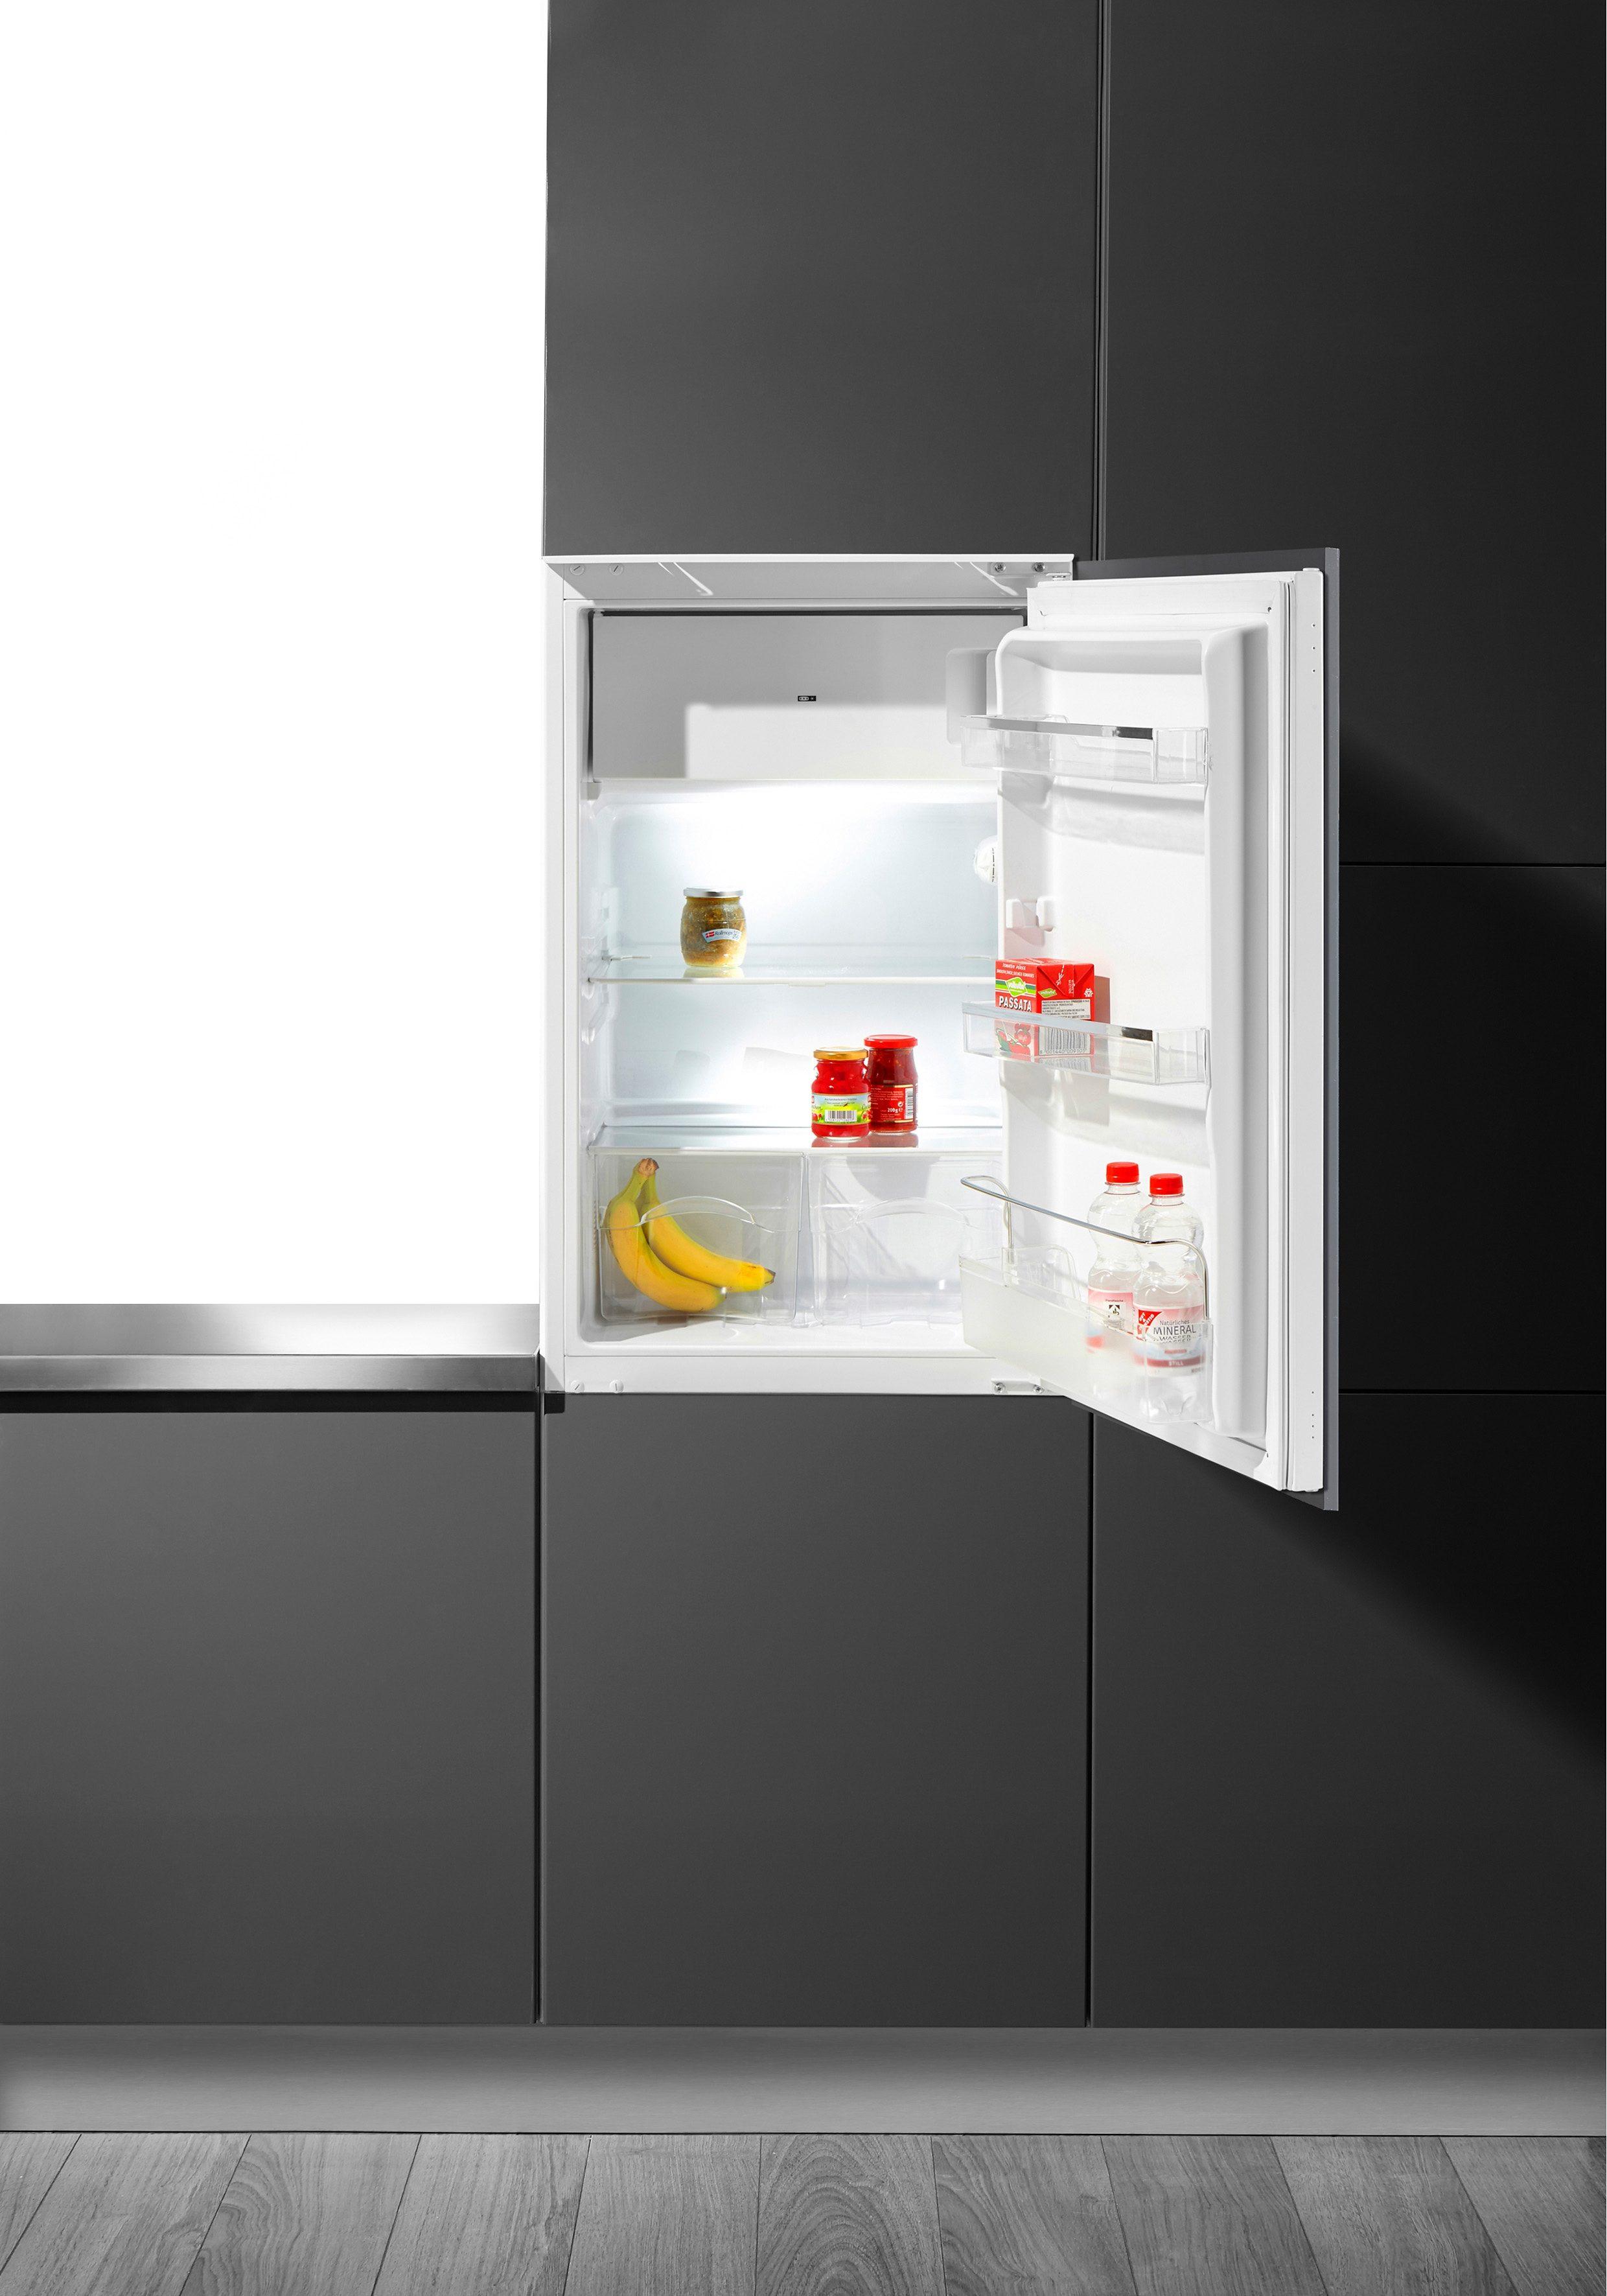 Hanseatic Einbaukühlschrank HEKS 8854GA2, A++, 88 cm hoch